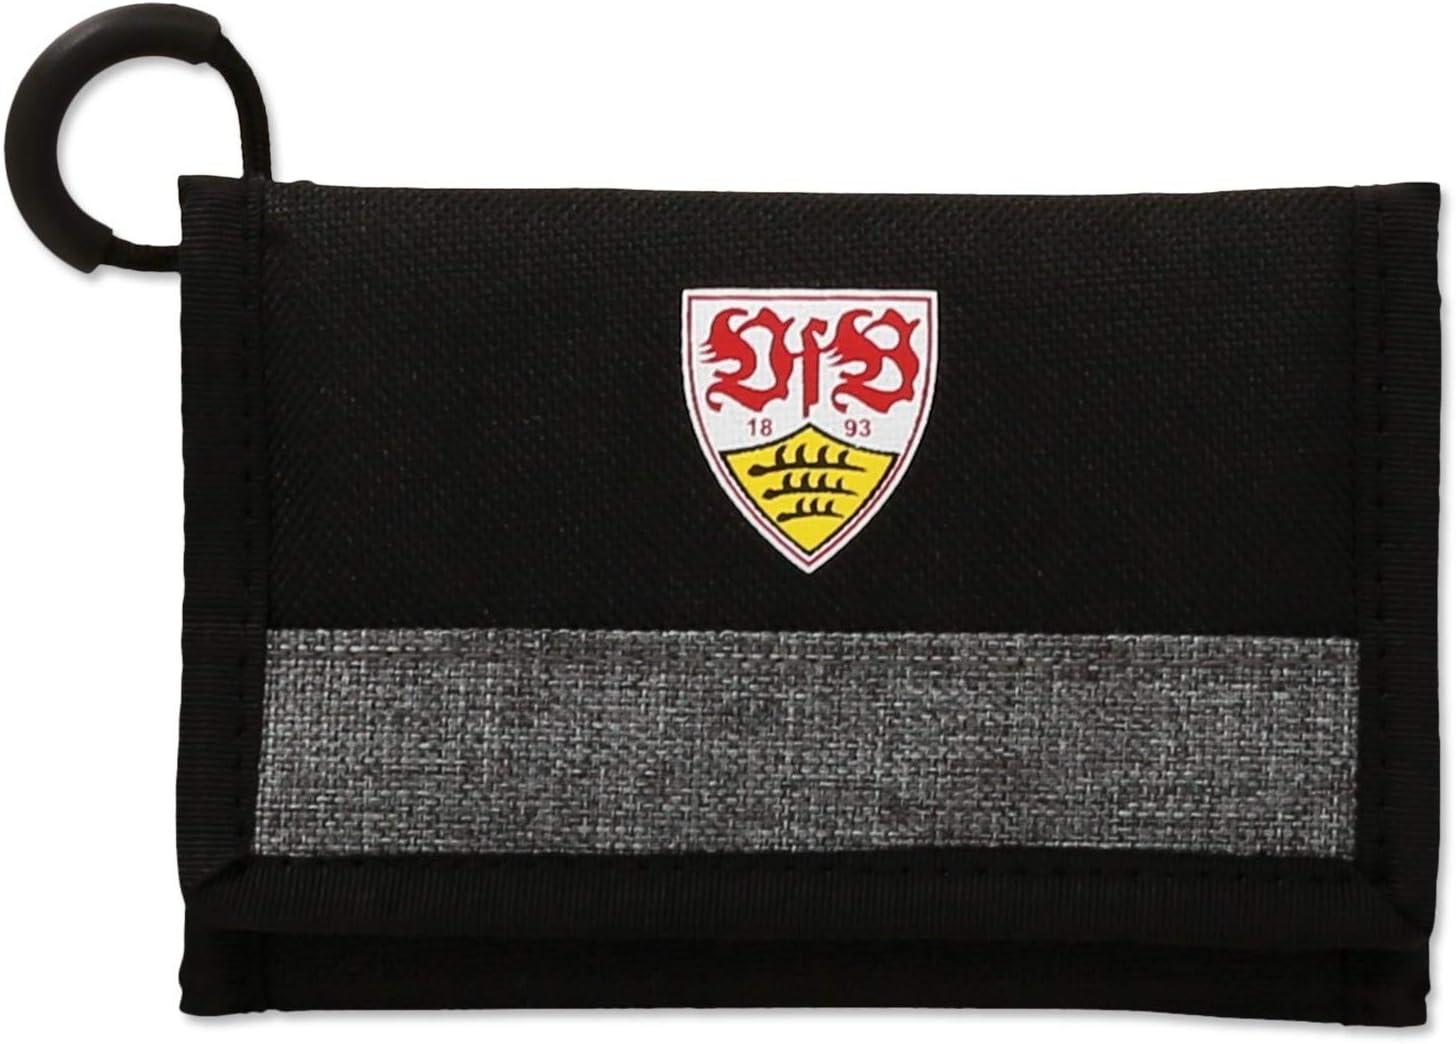 Geldb/örse schwarz//anthrazit Plus Lesezeichen Wir lieben Fu/ßball Portmonee VfB Stuttgart Geldbeutel